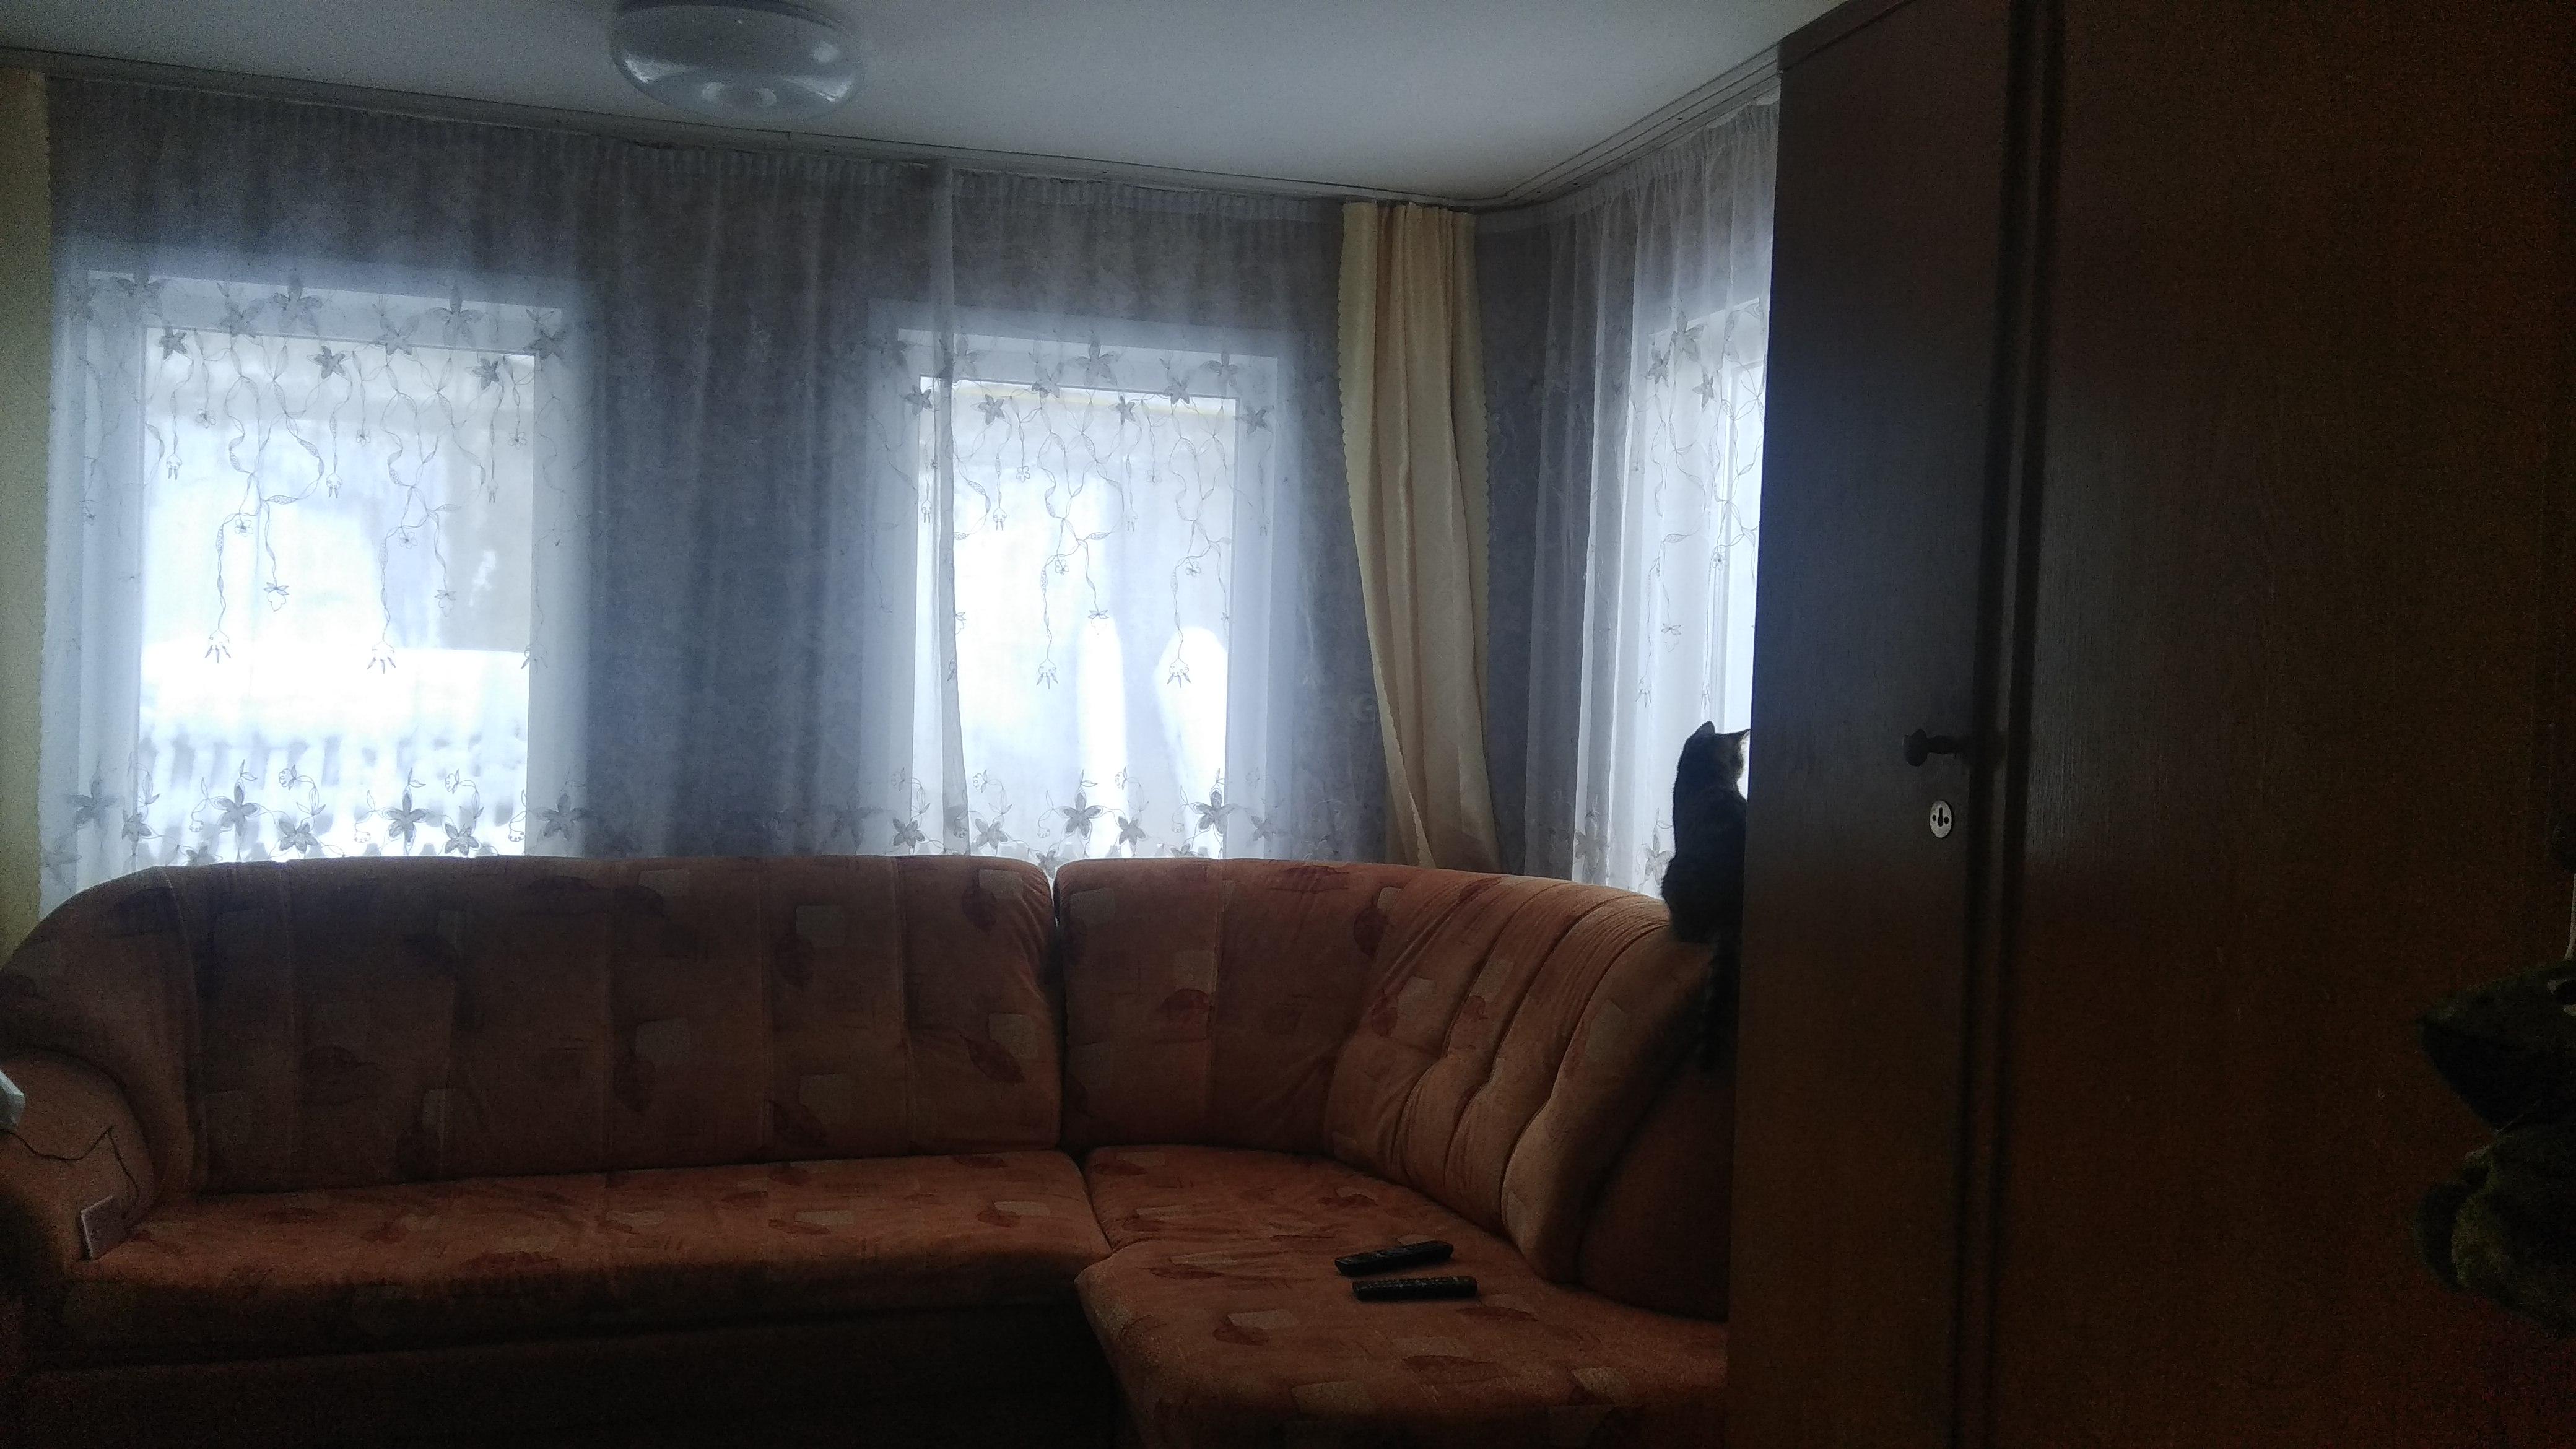 Дом на продажу по адресу Россия, Алтайский край, р-н. Павловский, с. Павловск, ул. Титова